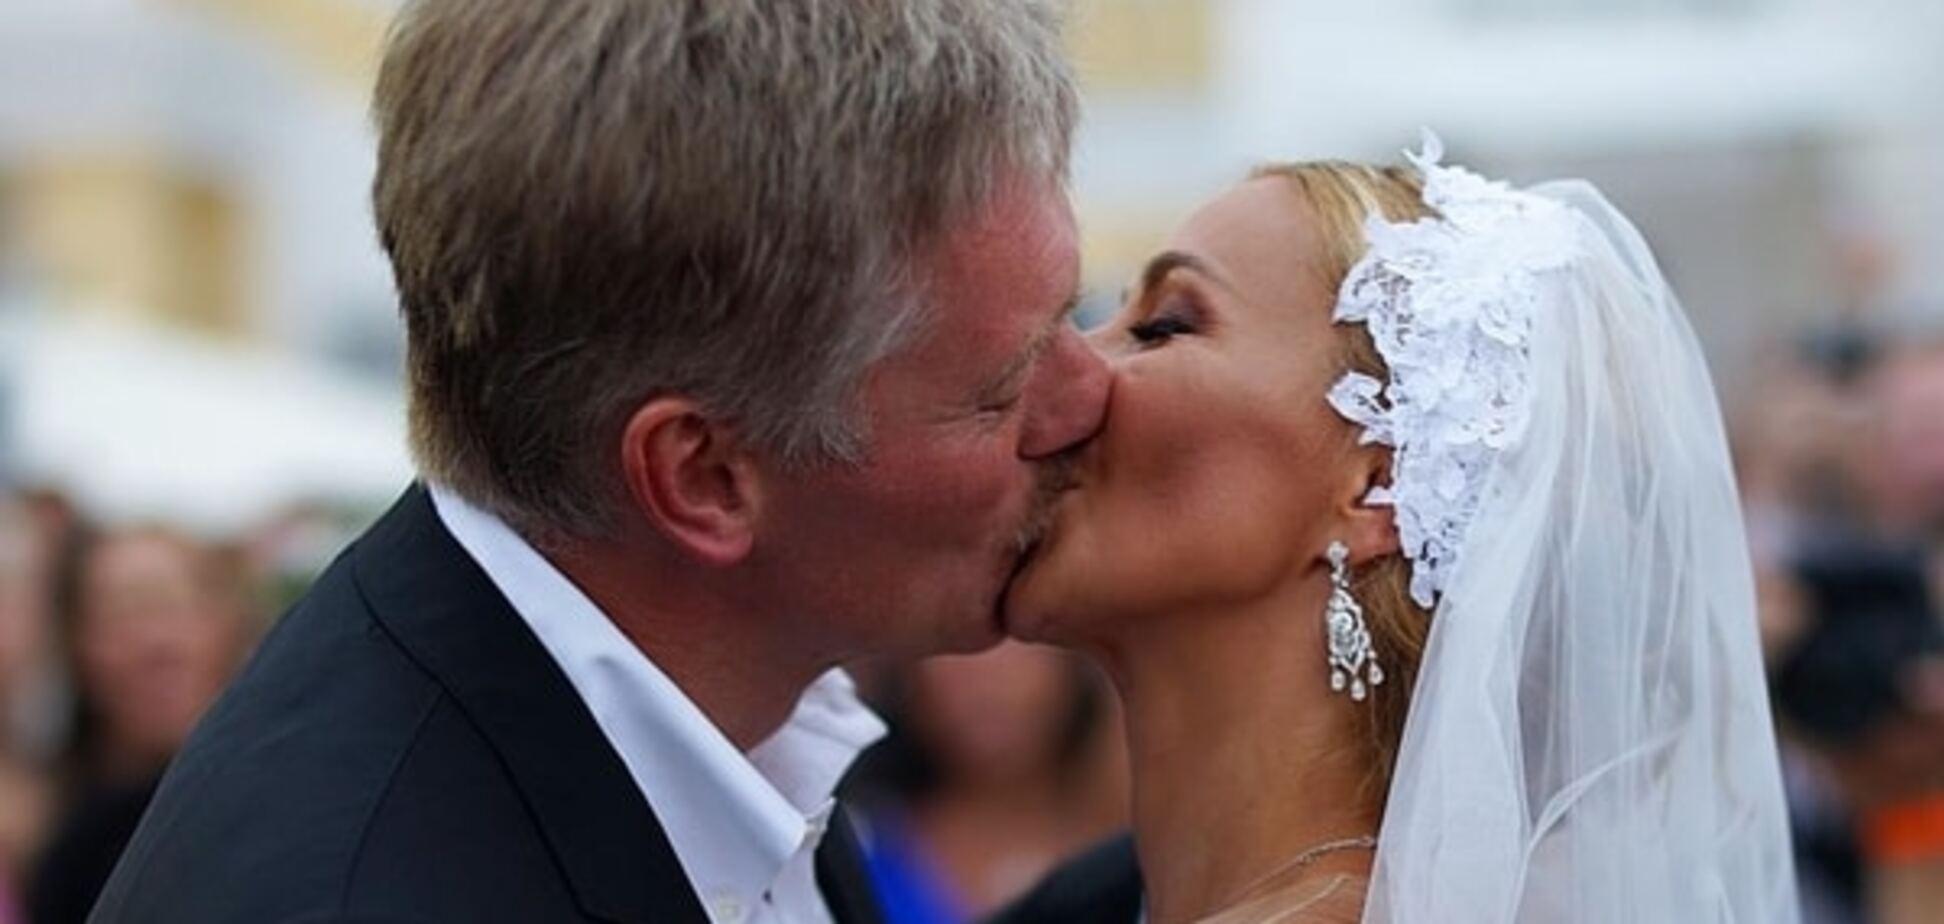 Дочка Пєскова заявила, що весілля її батька з Навкою не було: відеофакт